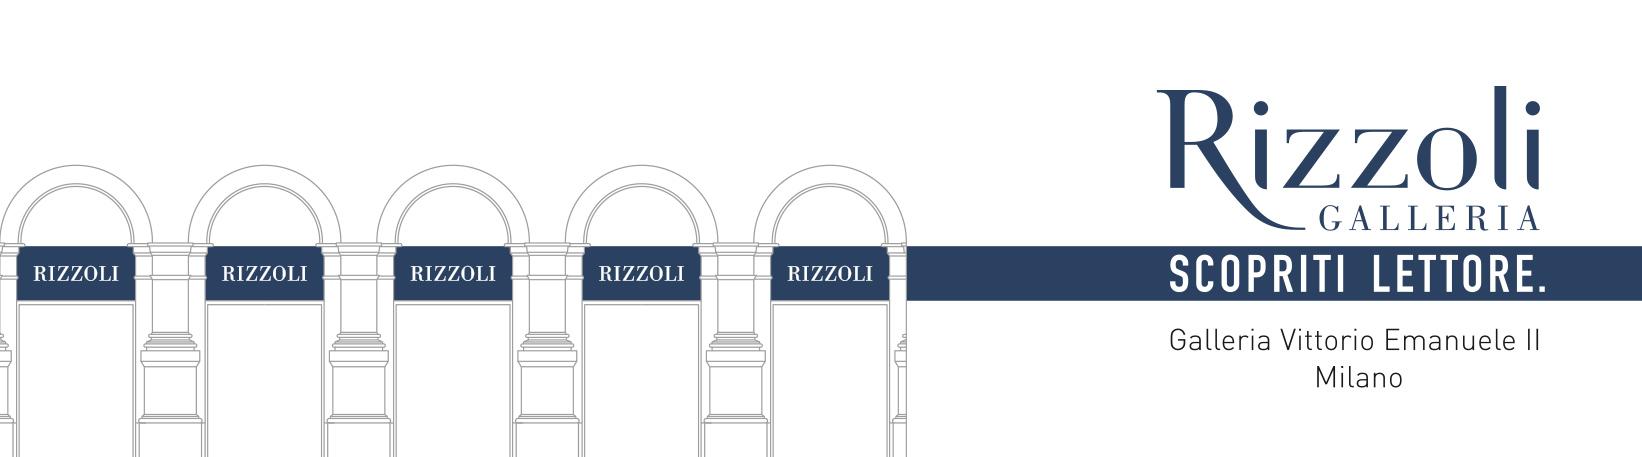 Rizzoli Galleria